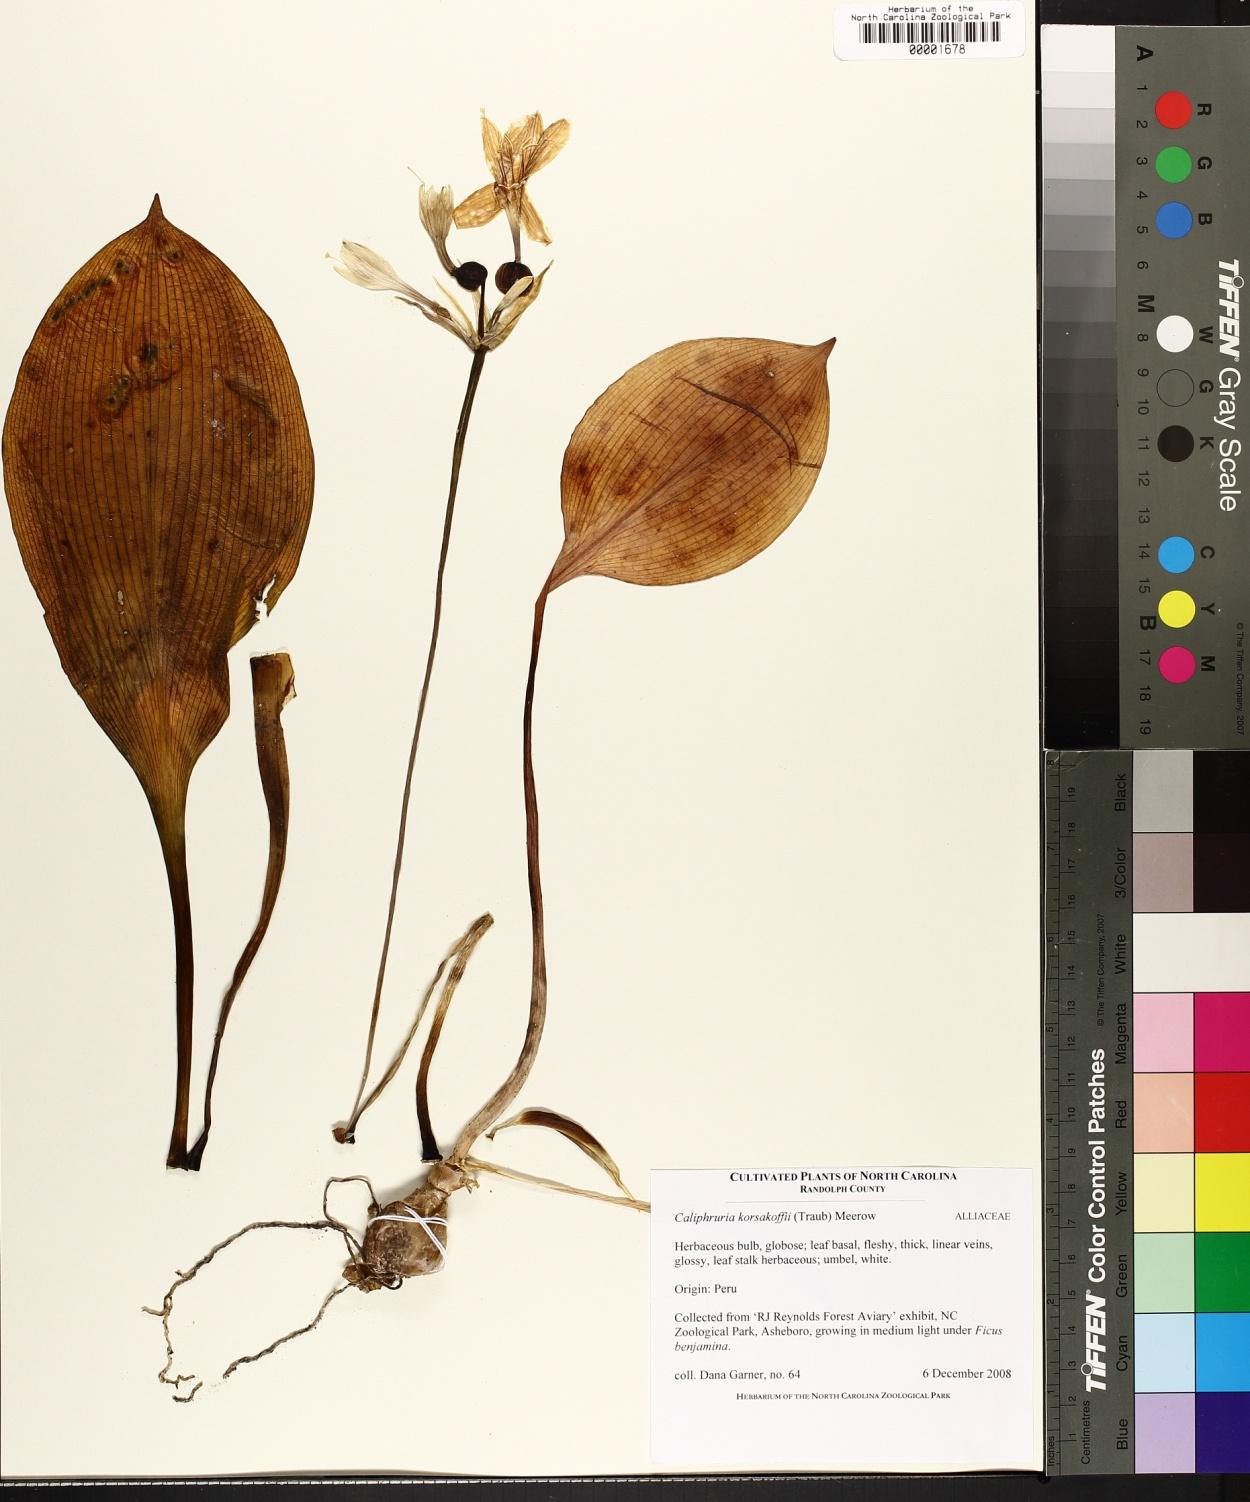 Caliphruria image